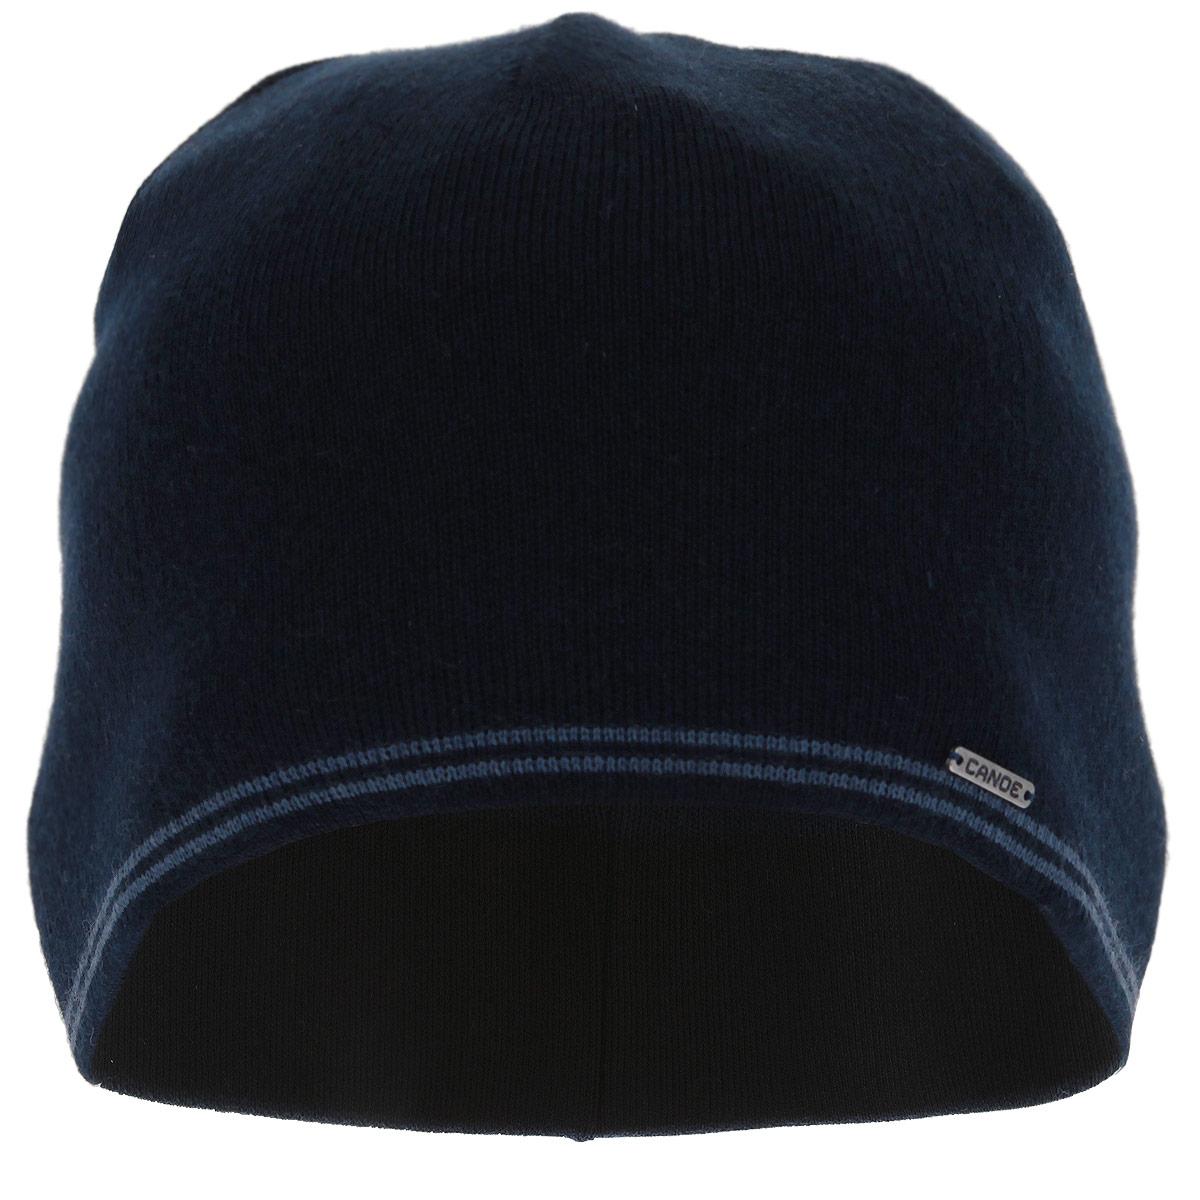 Шапка мужская Pitt. 3445783445781Мужская шапка Canoe Simp - классическая шапка из полушерстяной пряжи с внутренней вставкой по технологии Coolmax, которая отлично дополнит ваш образ в холодную погоду. Влагоотводящее полотно плотно прилегает к коже и выводит влагу быстрее. Волокно Coolmax - идеальный материал для занятий спортом с высокими нагрузками. Сочетание различных материалов максимально сохраняет тепло и обеспечивает удобную посадку. Оформлено изделие небольшой металлической пластиной с названием бренда. Такая шапка составит идеальный комплект с модной верхней одеждой, в ней вам будет уютно и тепло! Изделие проходит предварительную стирку и последующую обработку специальными составами и паром для улучшения износоустойчивости, комфорта и приятных тактильных ощущений. Структура шерсти после обработок по новейшим технологиям приобретает легкость, мягкость, морозоустойчивость, становится пушистой, не продуваемой. Изделие долго сохраняет заданную форму.